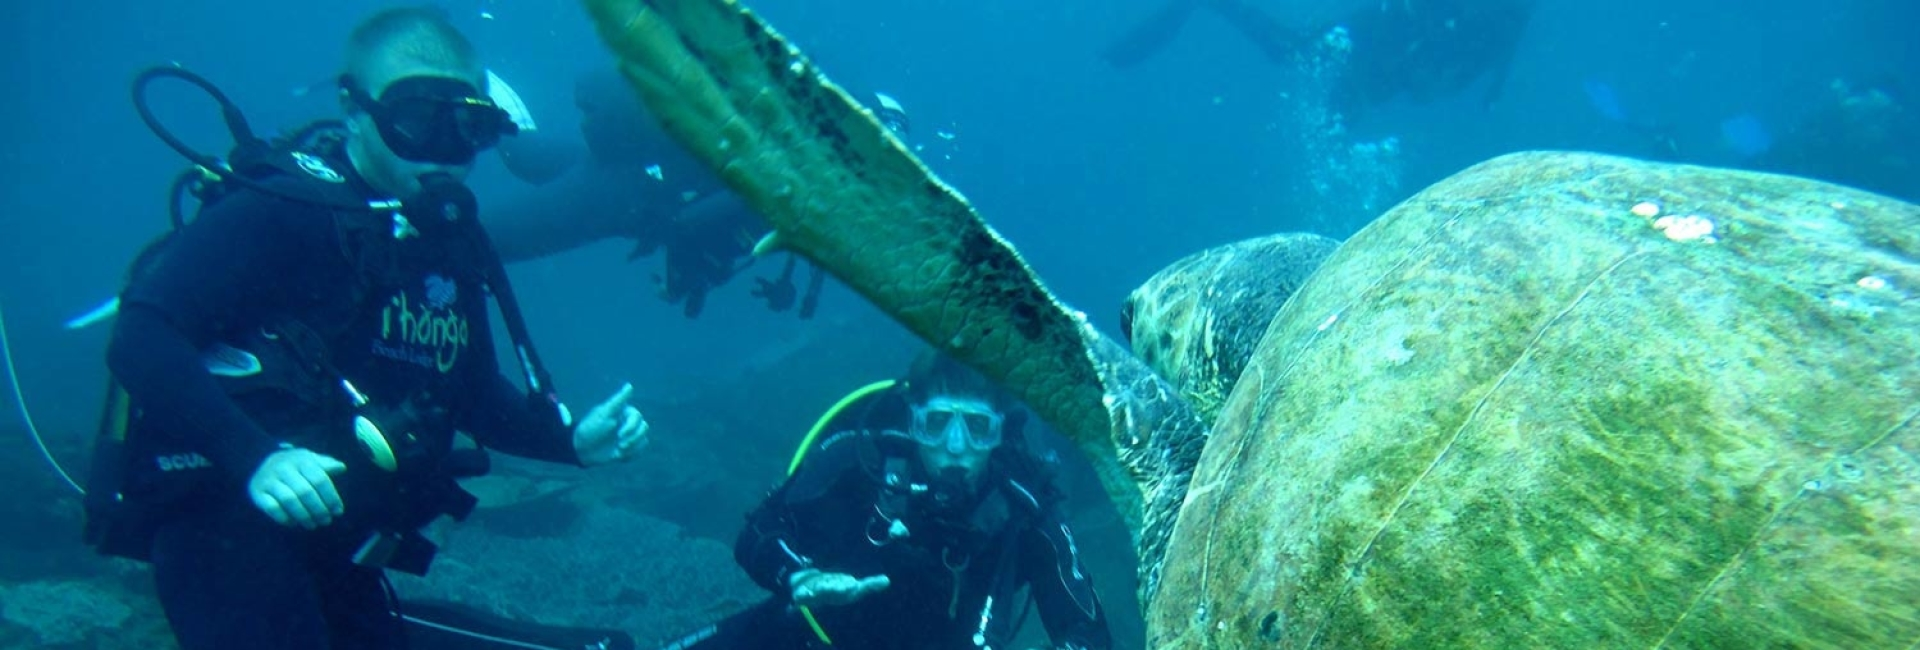 Zeeschildpadden Zuid-Afrika Tracking & Moitoring